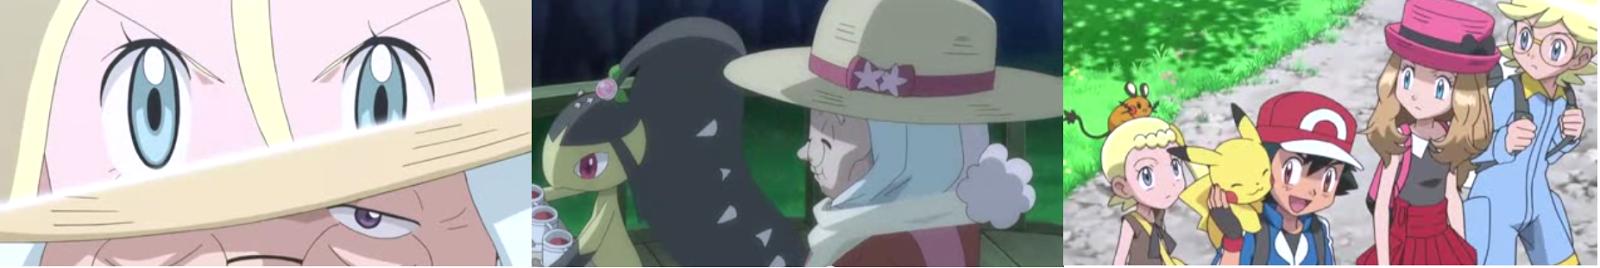 Pokémon - Capítulo 33 - Temporada 17 - Audio Latino